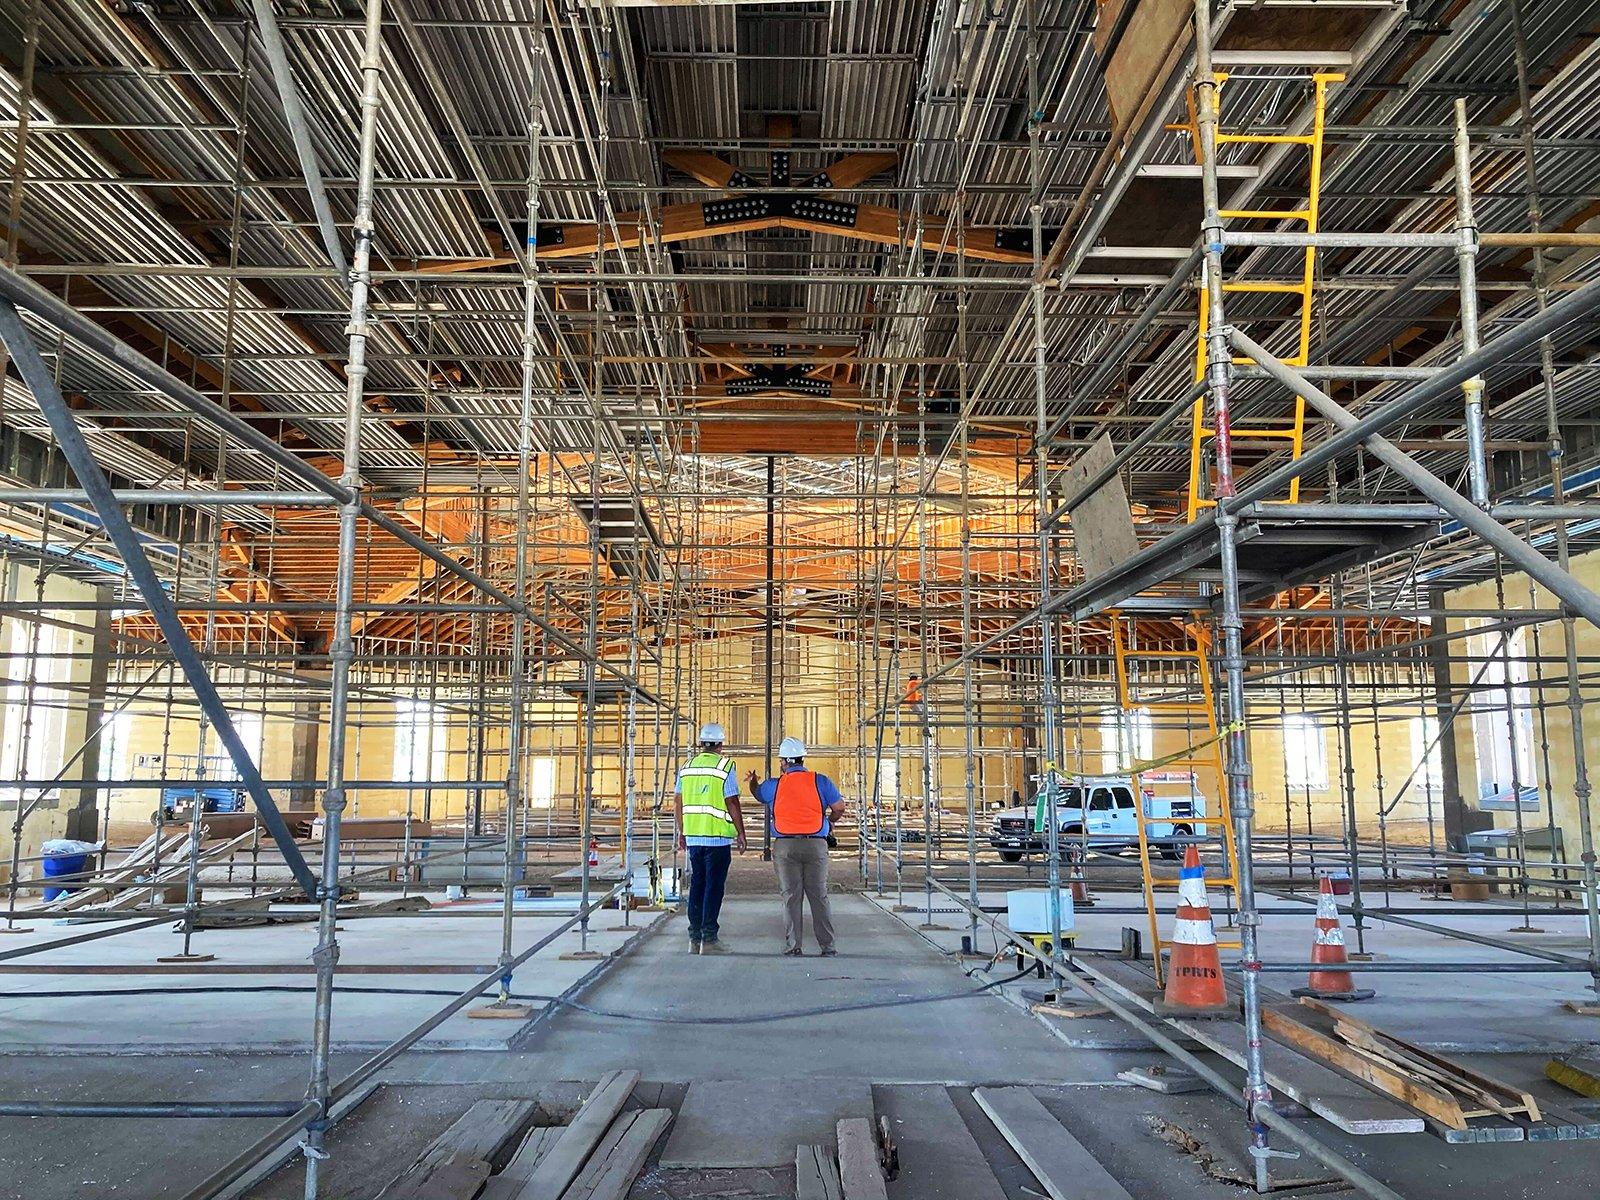 The interior of the St. Charles Borromeo Catholic Church construction site in Visalia, California, Thursday, Aug. 26, 2021. RNS photo by Alejandra Molina